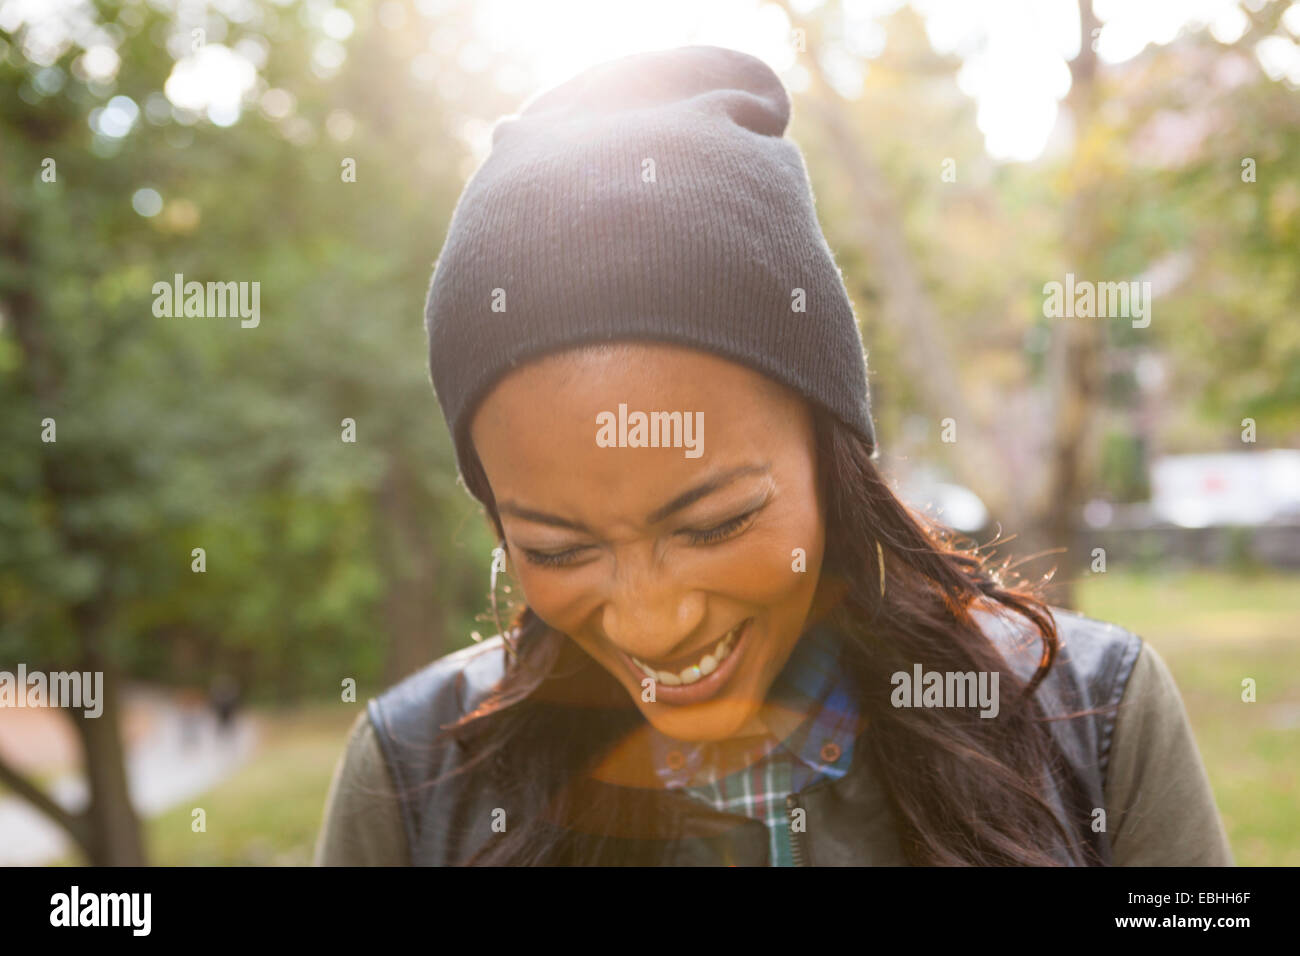 Junge Frau Lachen im park Stockbild